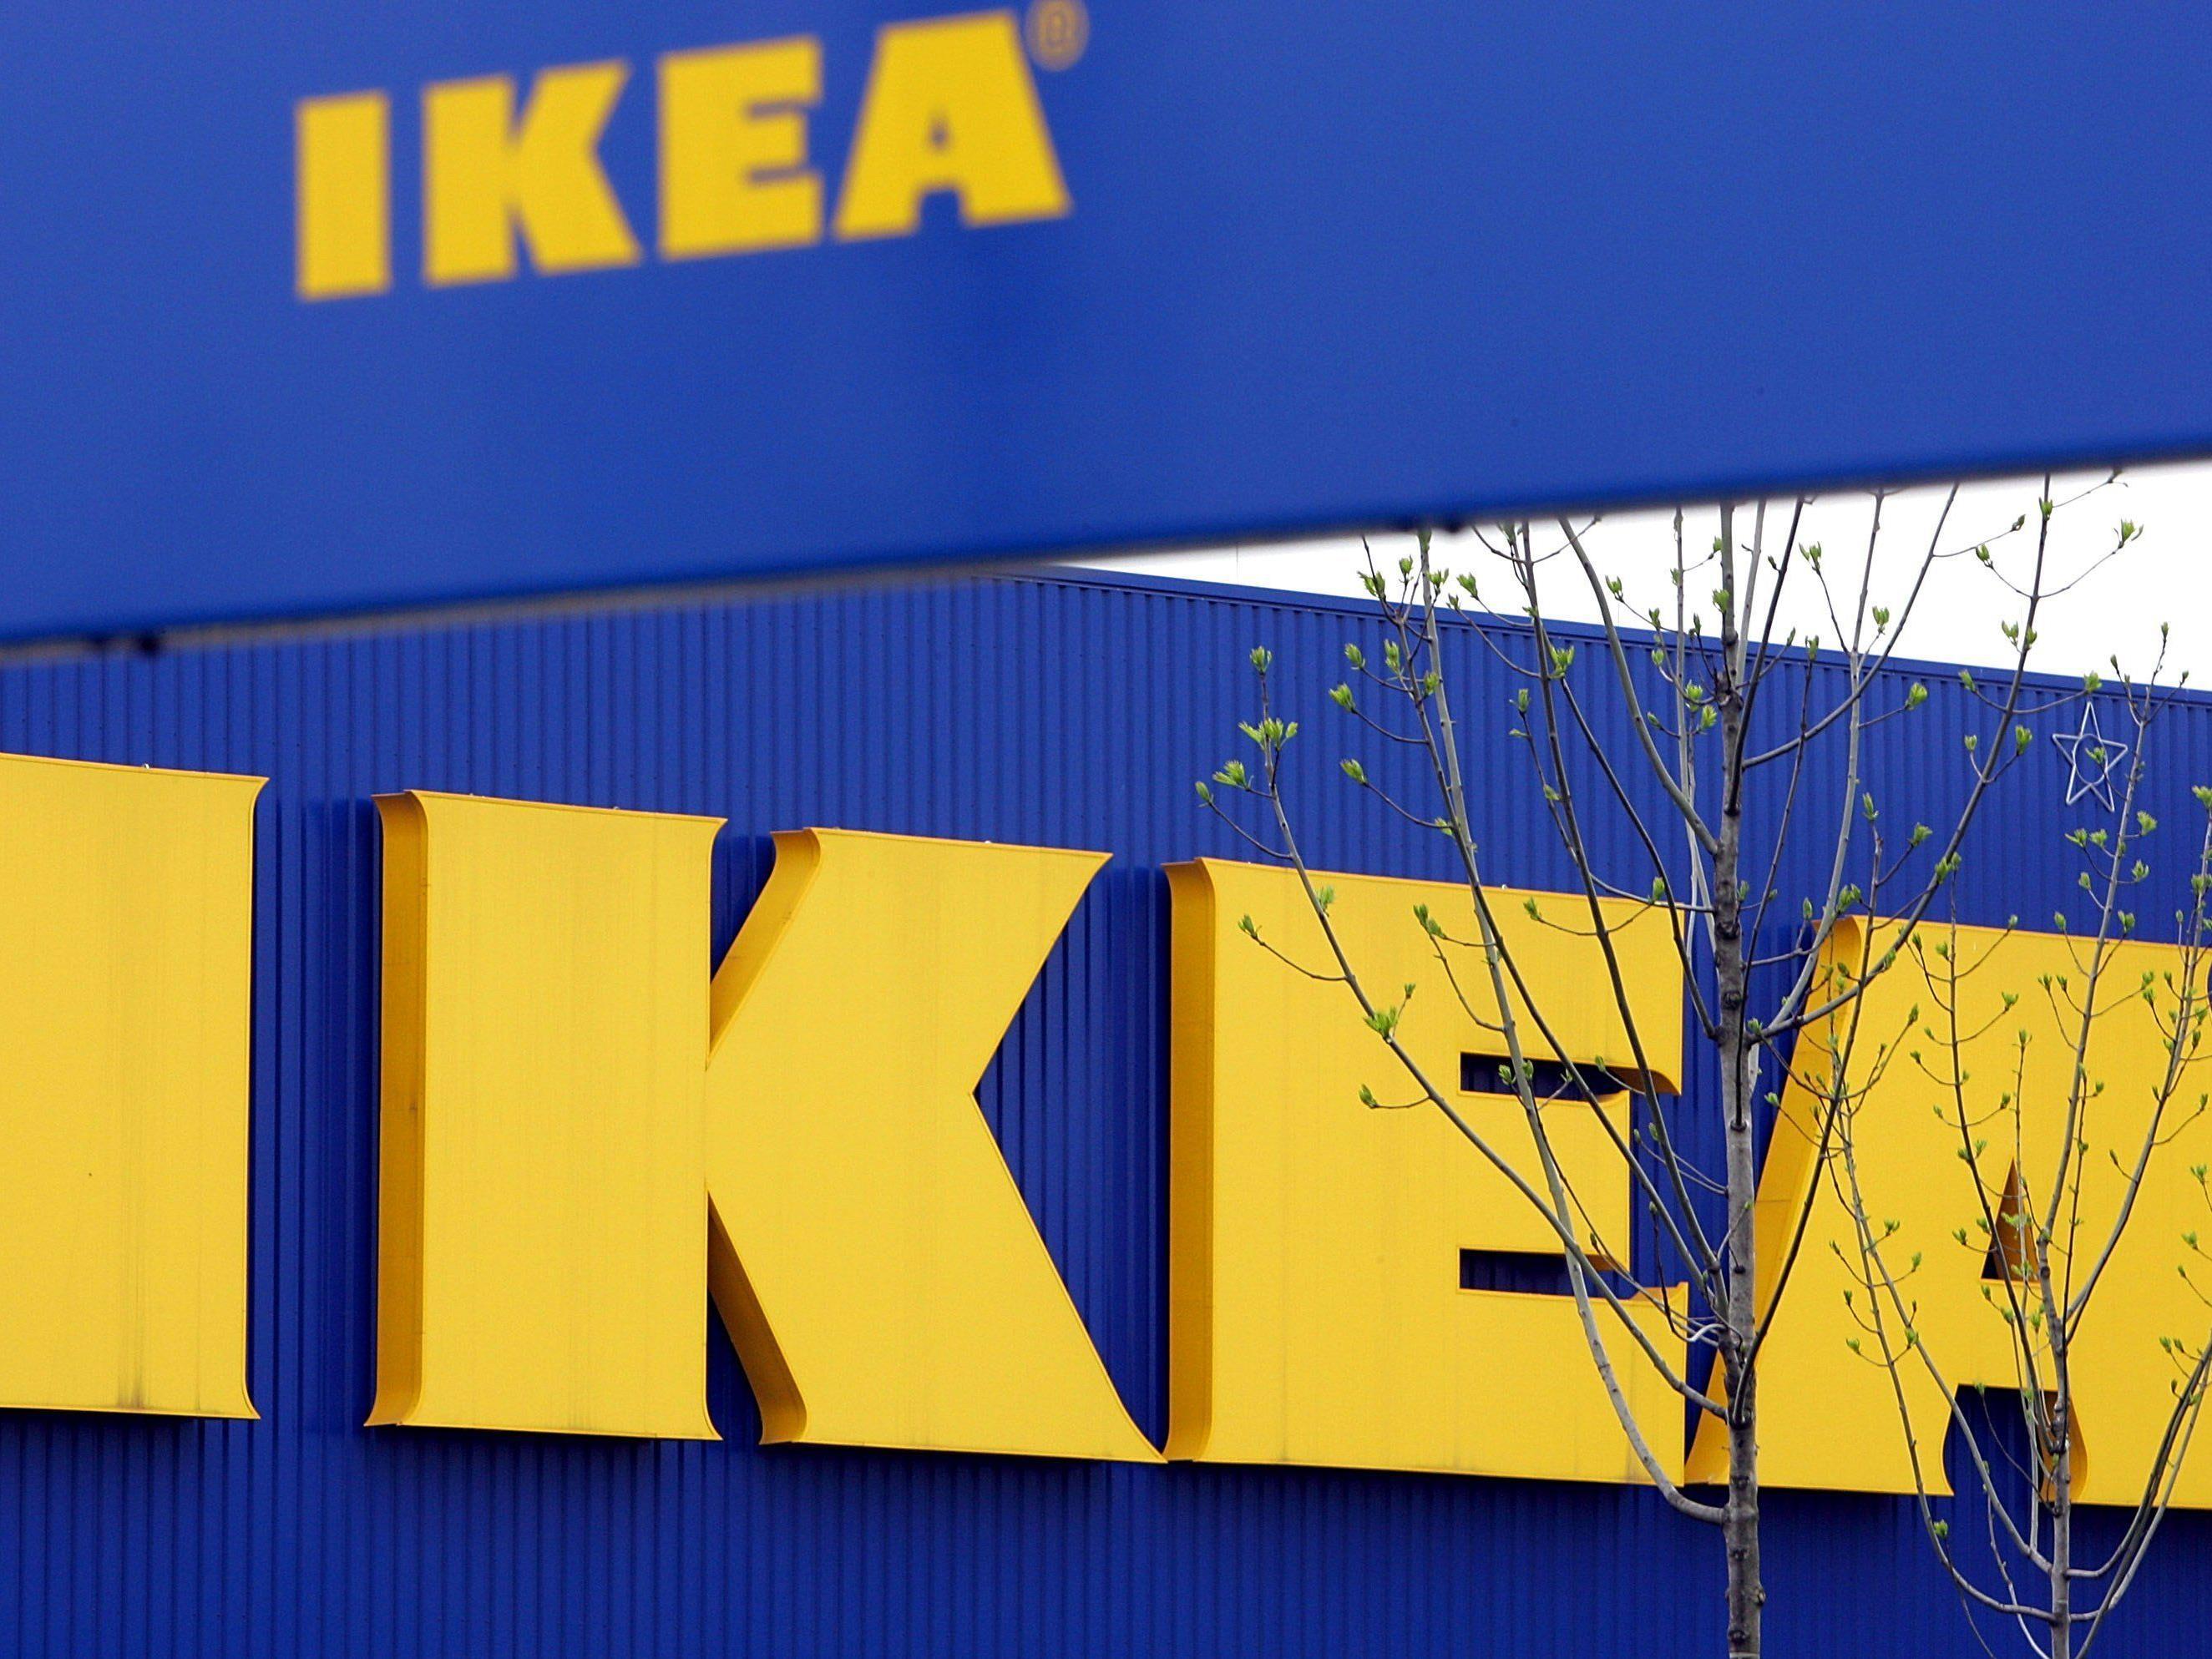 Ikea startet vom 23. bis 29. November 'GREEN FRIDAY'